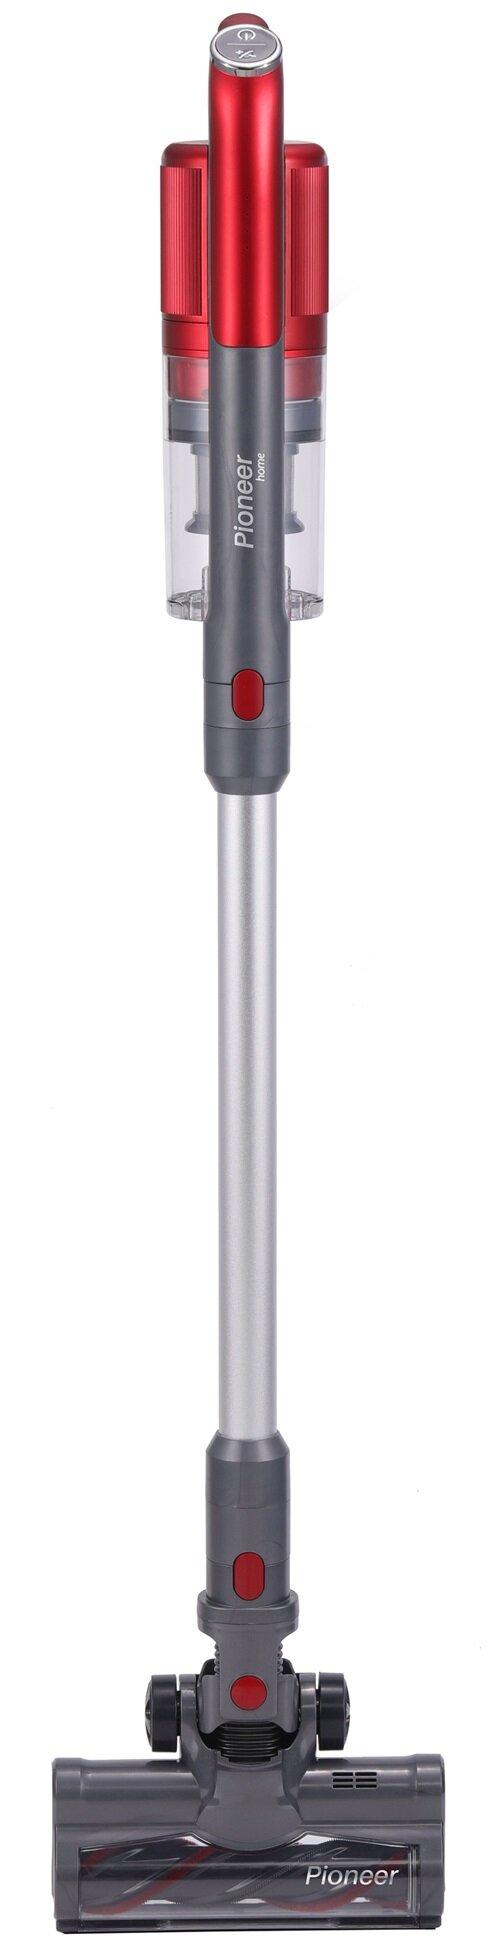 Вертикальный пылесос Pioneer Home VC450S